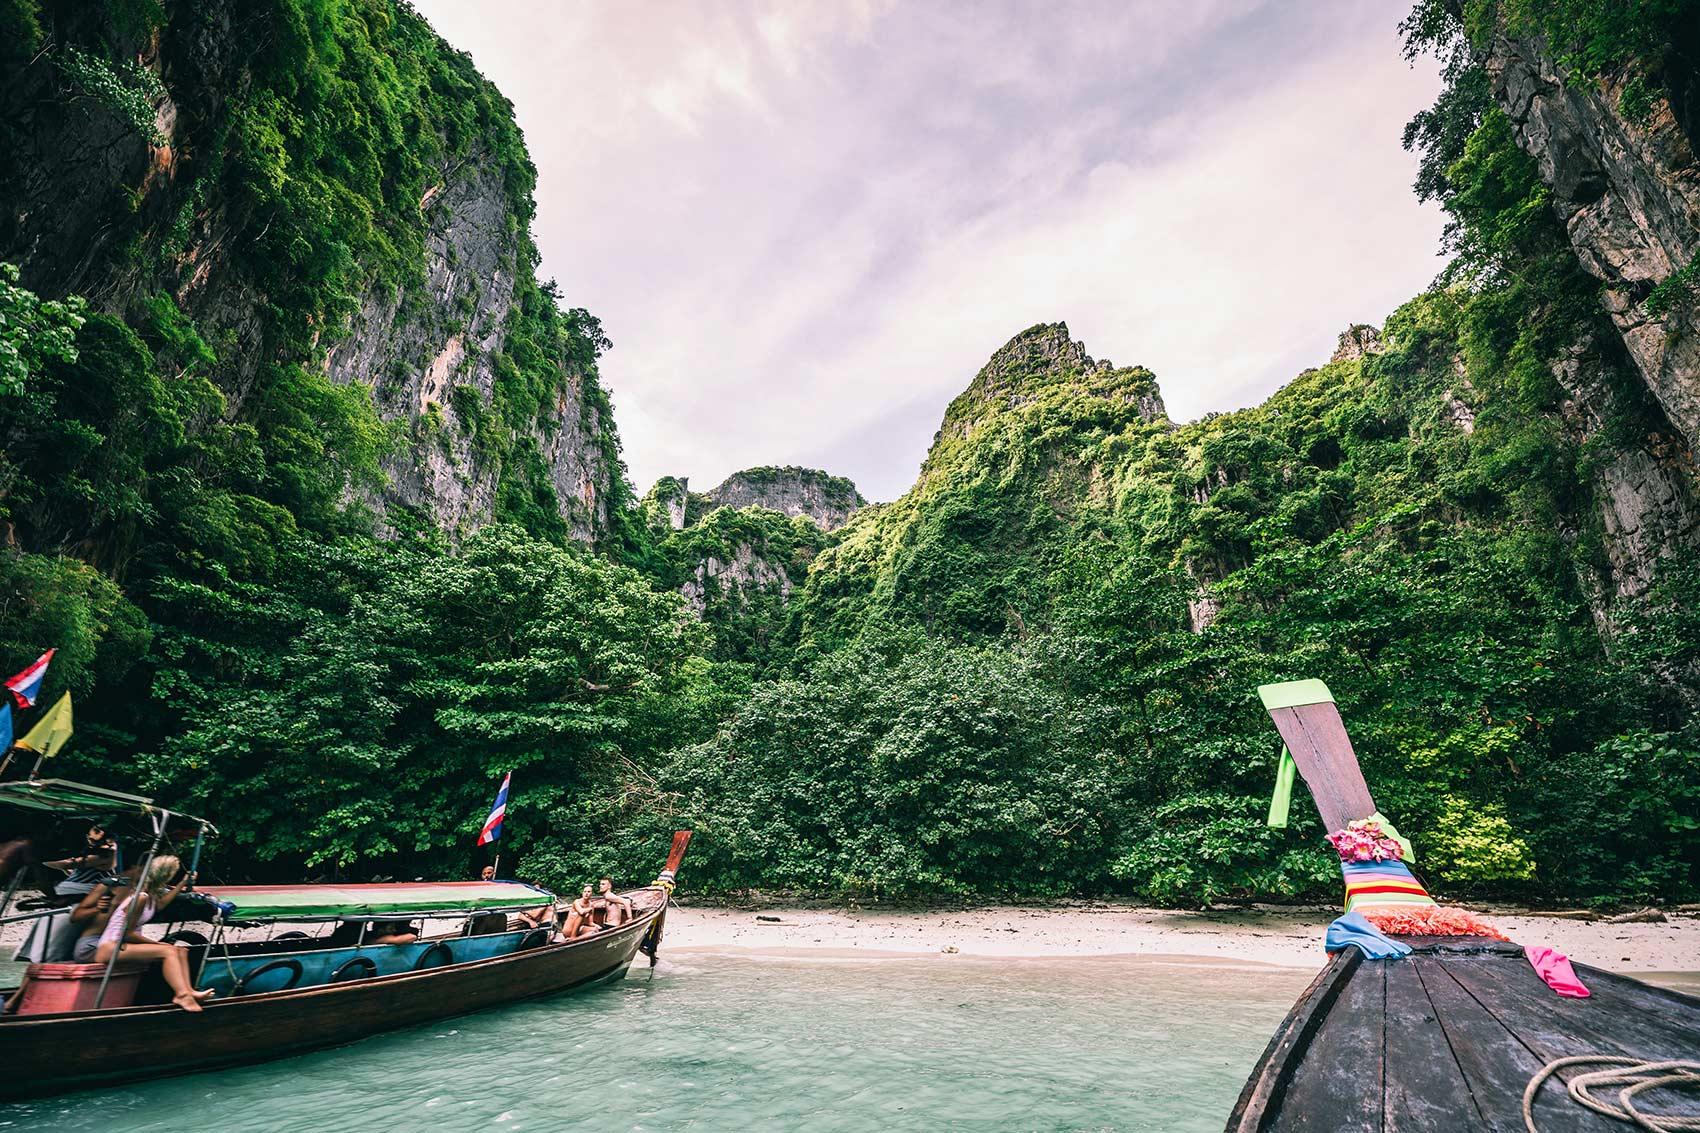 Пхипхи Таиланд